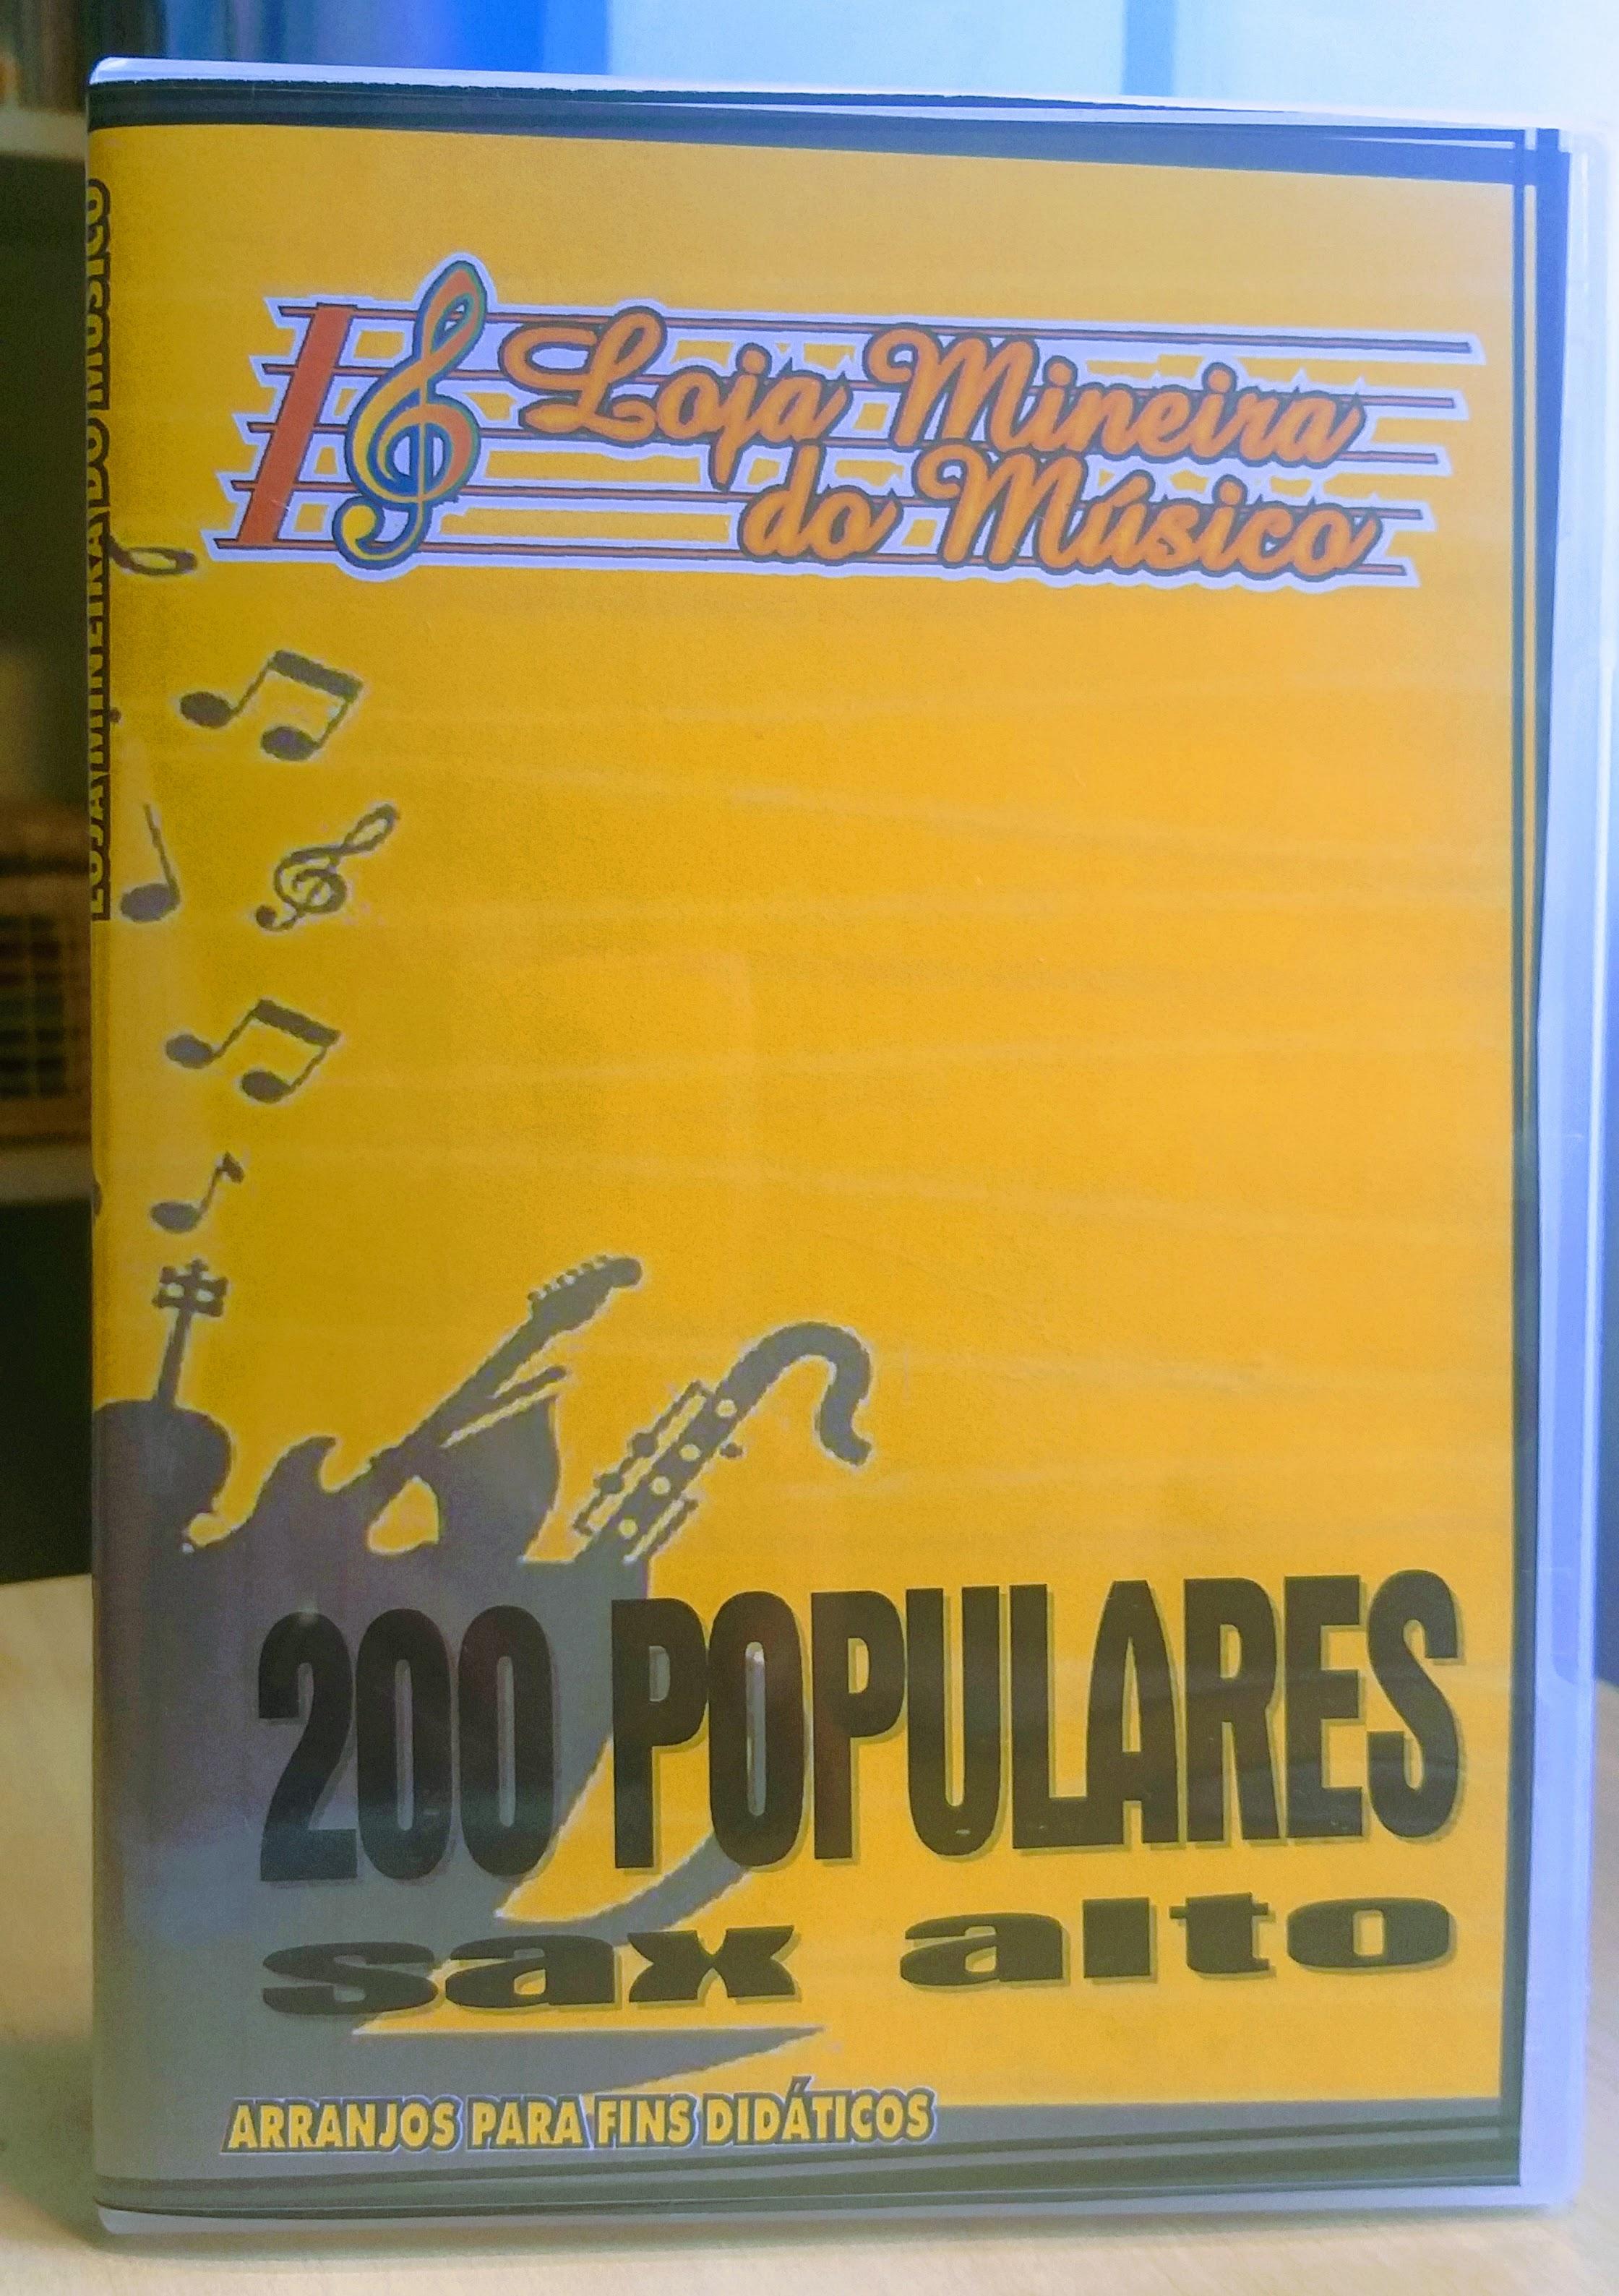 partituras para sax alto iniciante  partituras sax alto pdf  partitura sax alto gospel  partituras para sax alto grátis  partituras com playback para sax alto gratis  partitura pdf download  partitura sax alto - aleluia  Navegação nas páginas 1 2 3 4 5 6 7 8 9 10 Mais